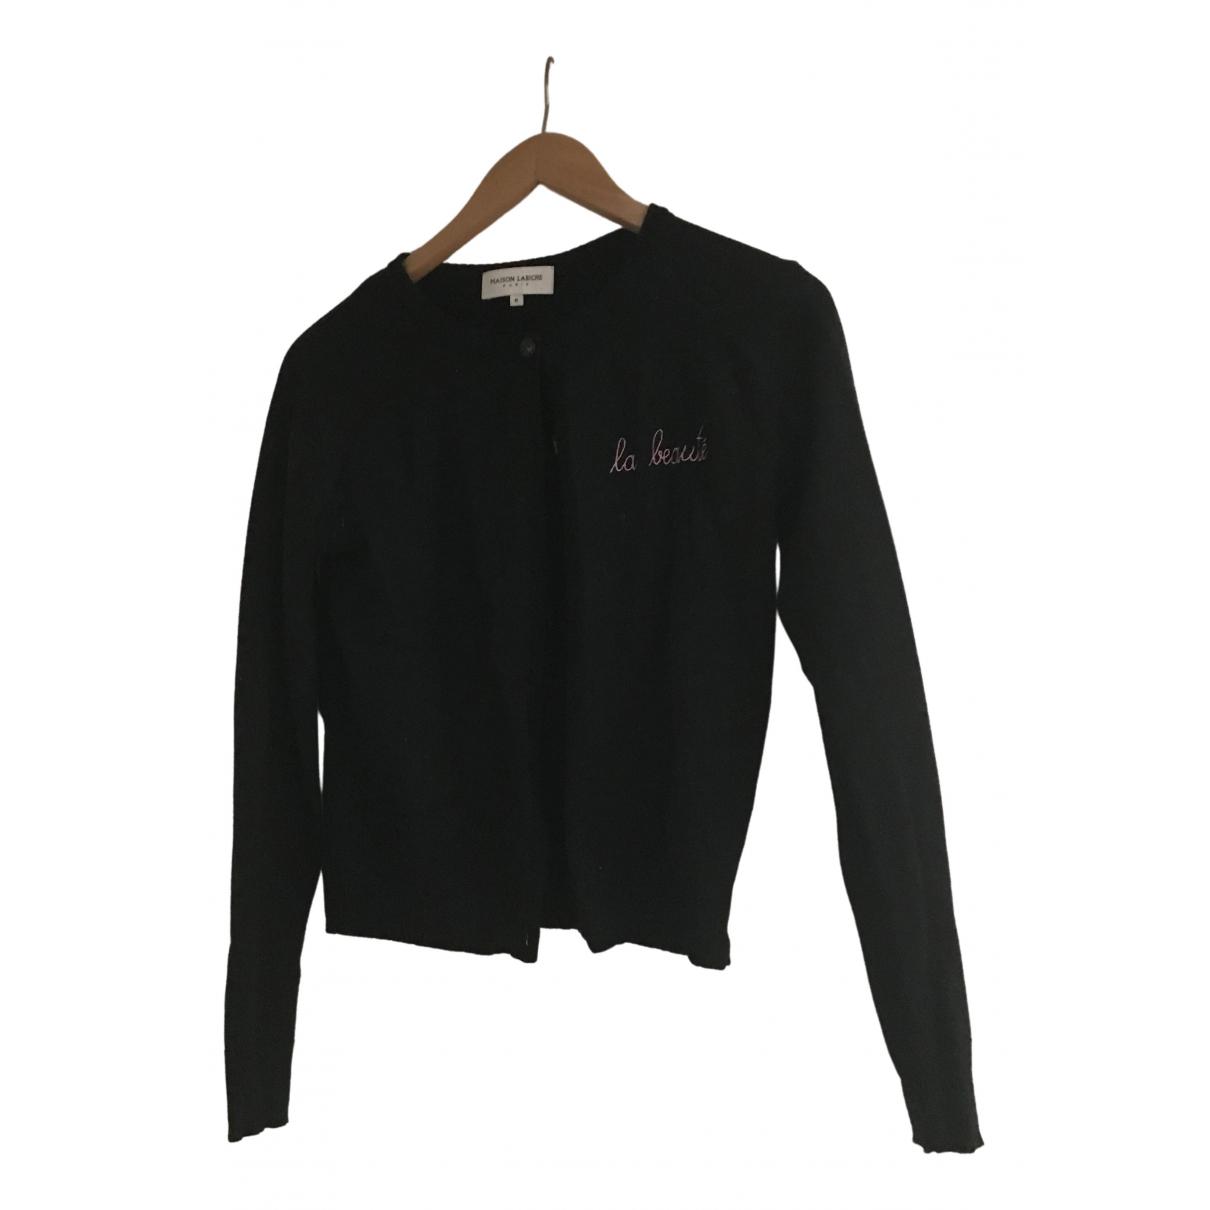 Maison Labiche \N Pullover in  Schwarz Wolle